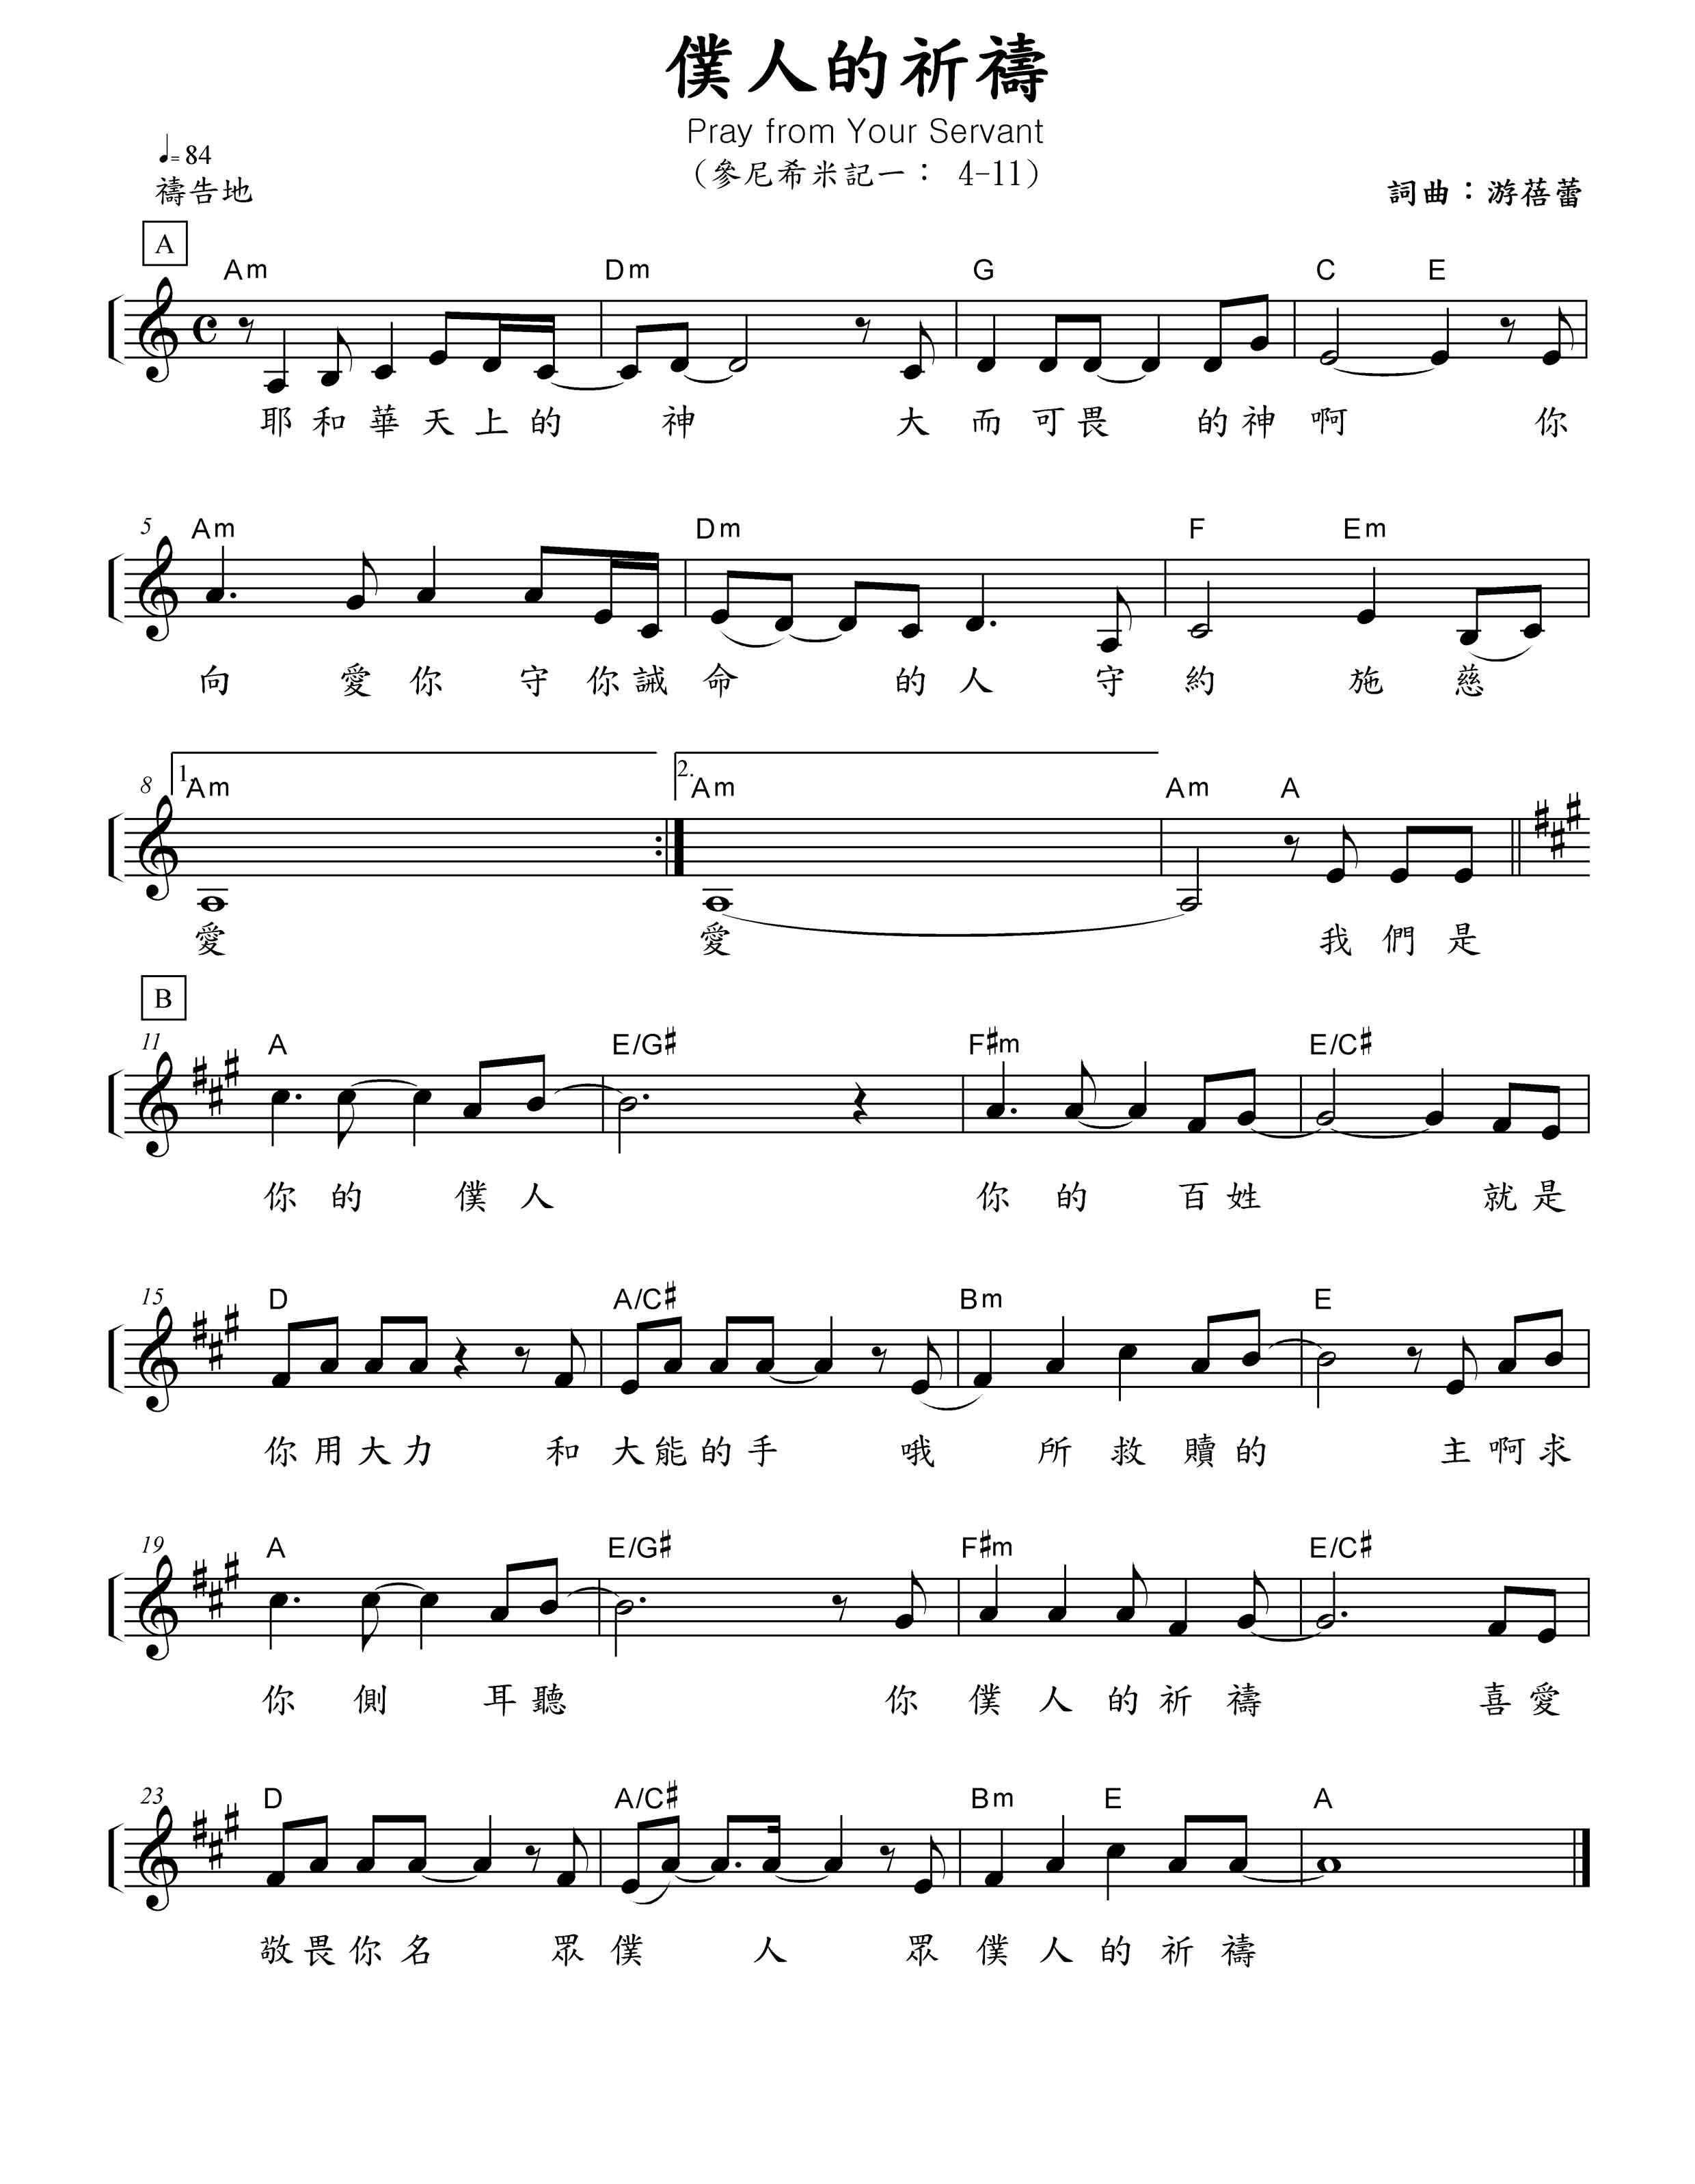 《仆人的祈祷 官方和弦五线谱》